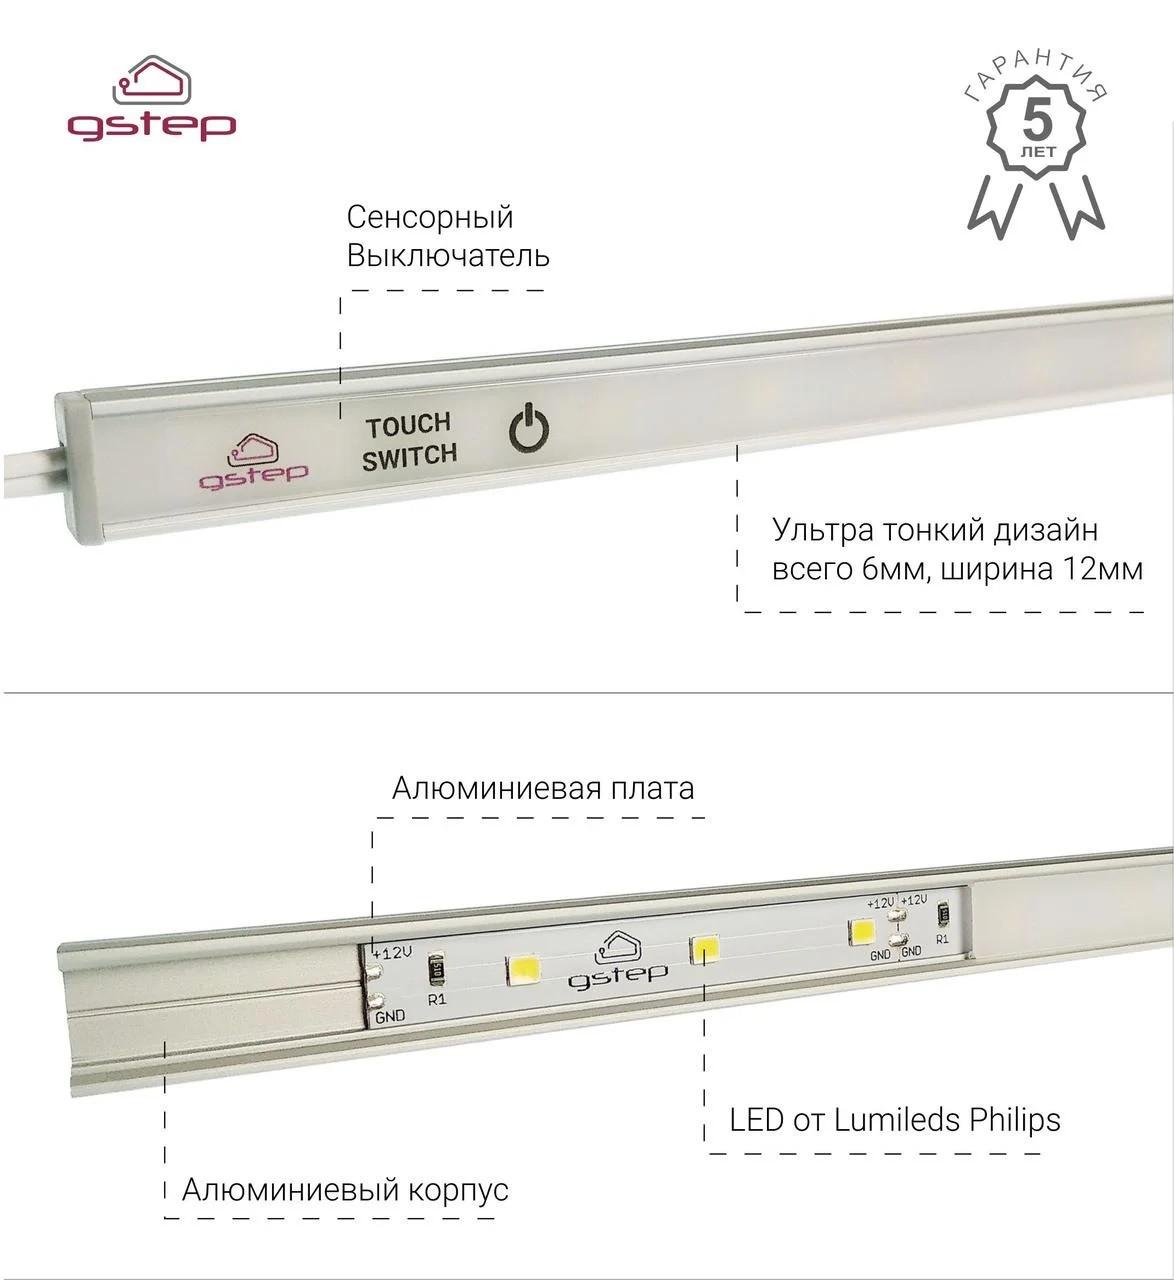 Сенсорная светодиодная подсветка Gstep UCL 200 см . Нейтральный белый 4000К